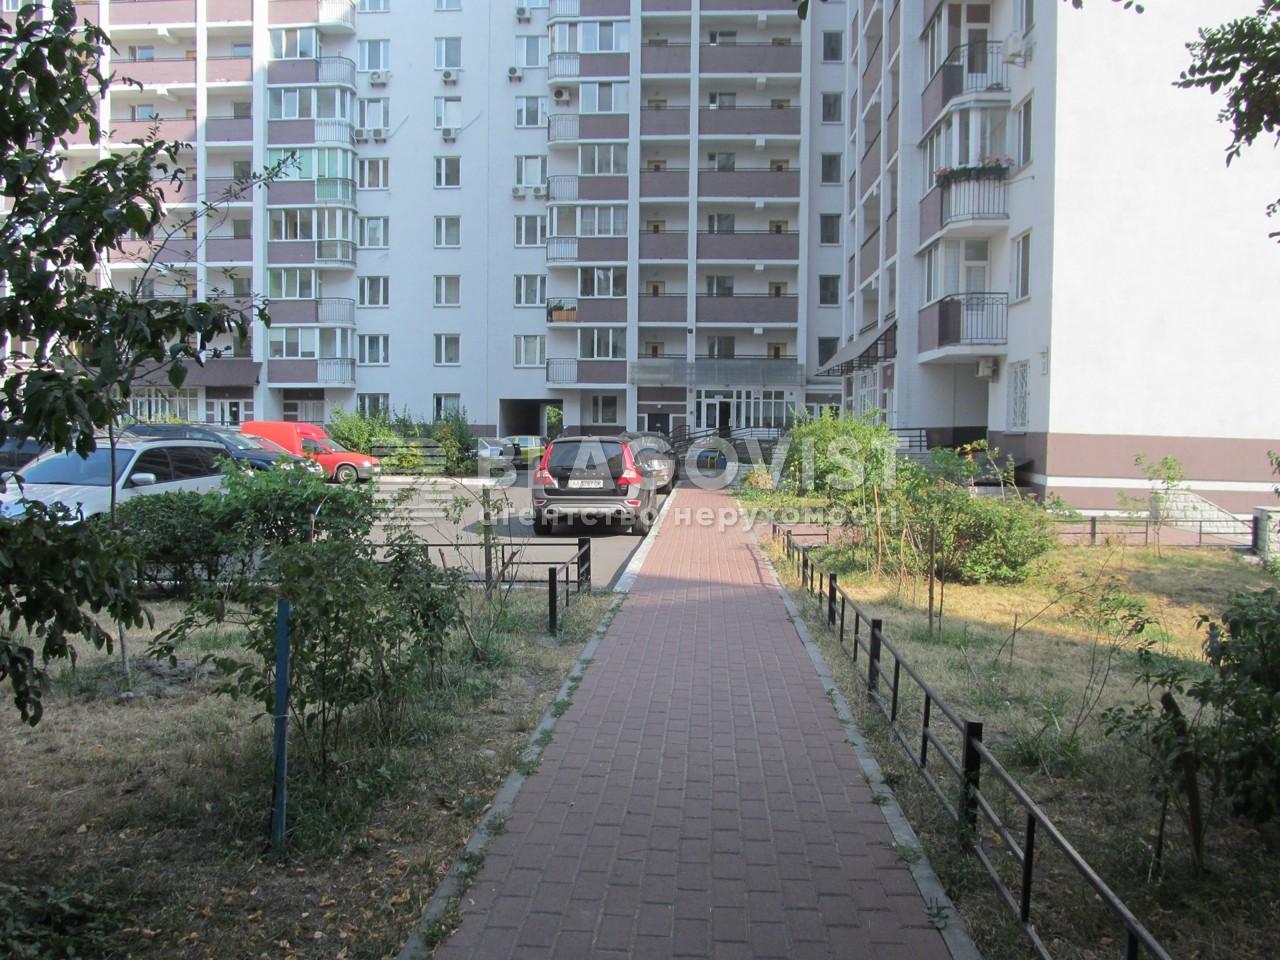 Квартира C-93662, Харьковское шоссе, 58б, Киев - Фото 14